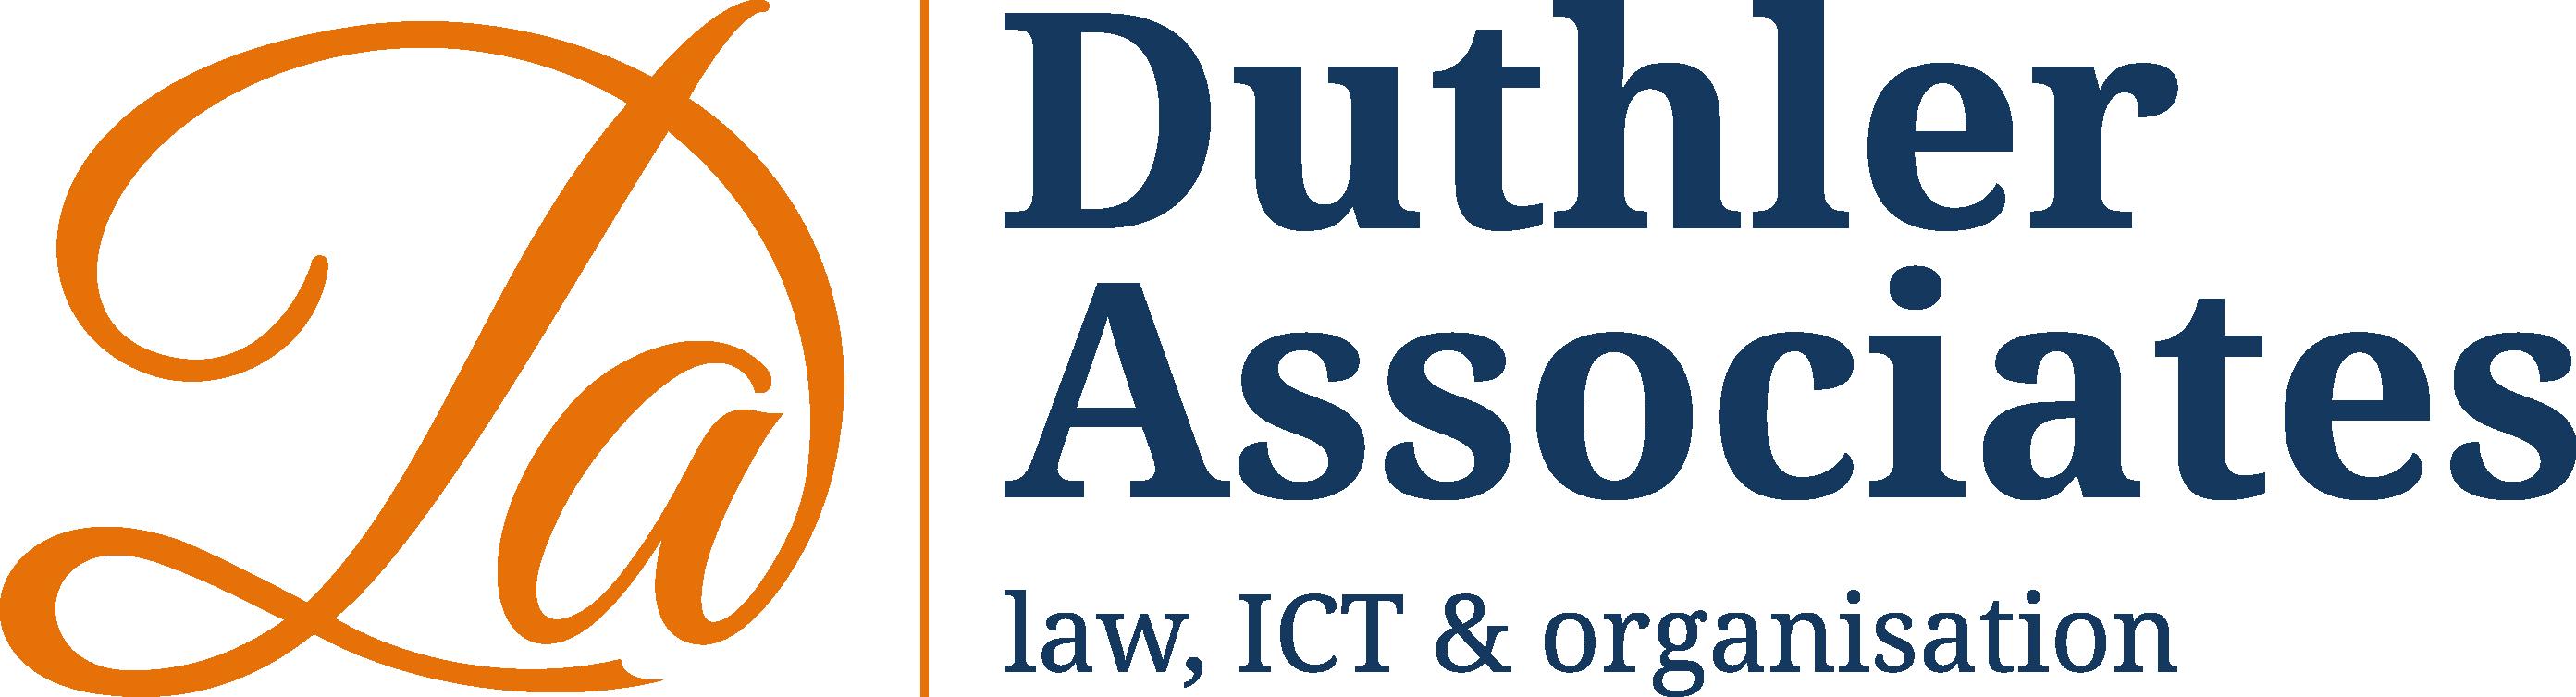 Duthler Associates